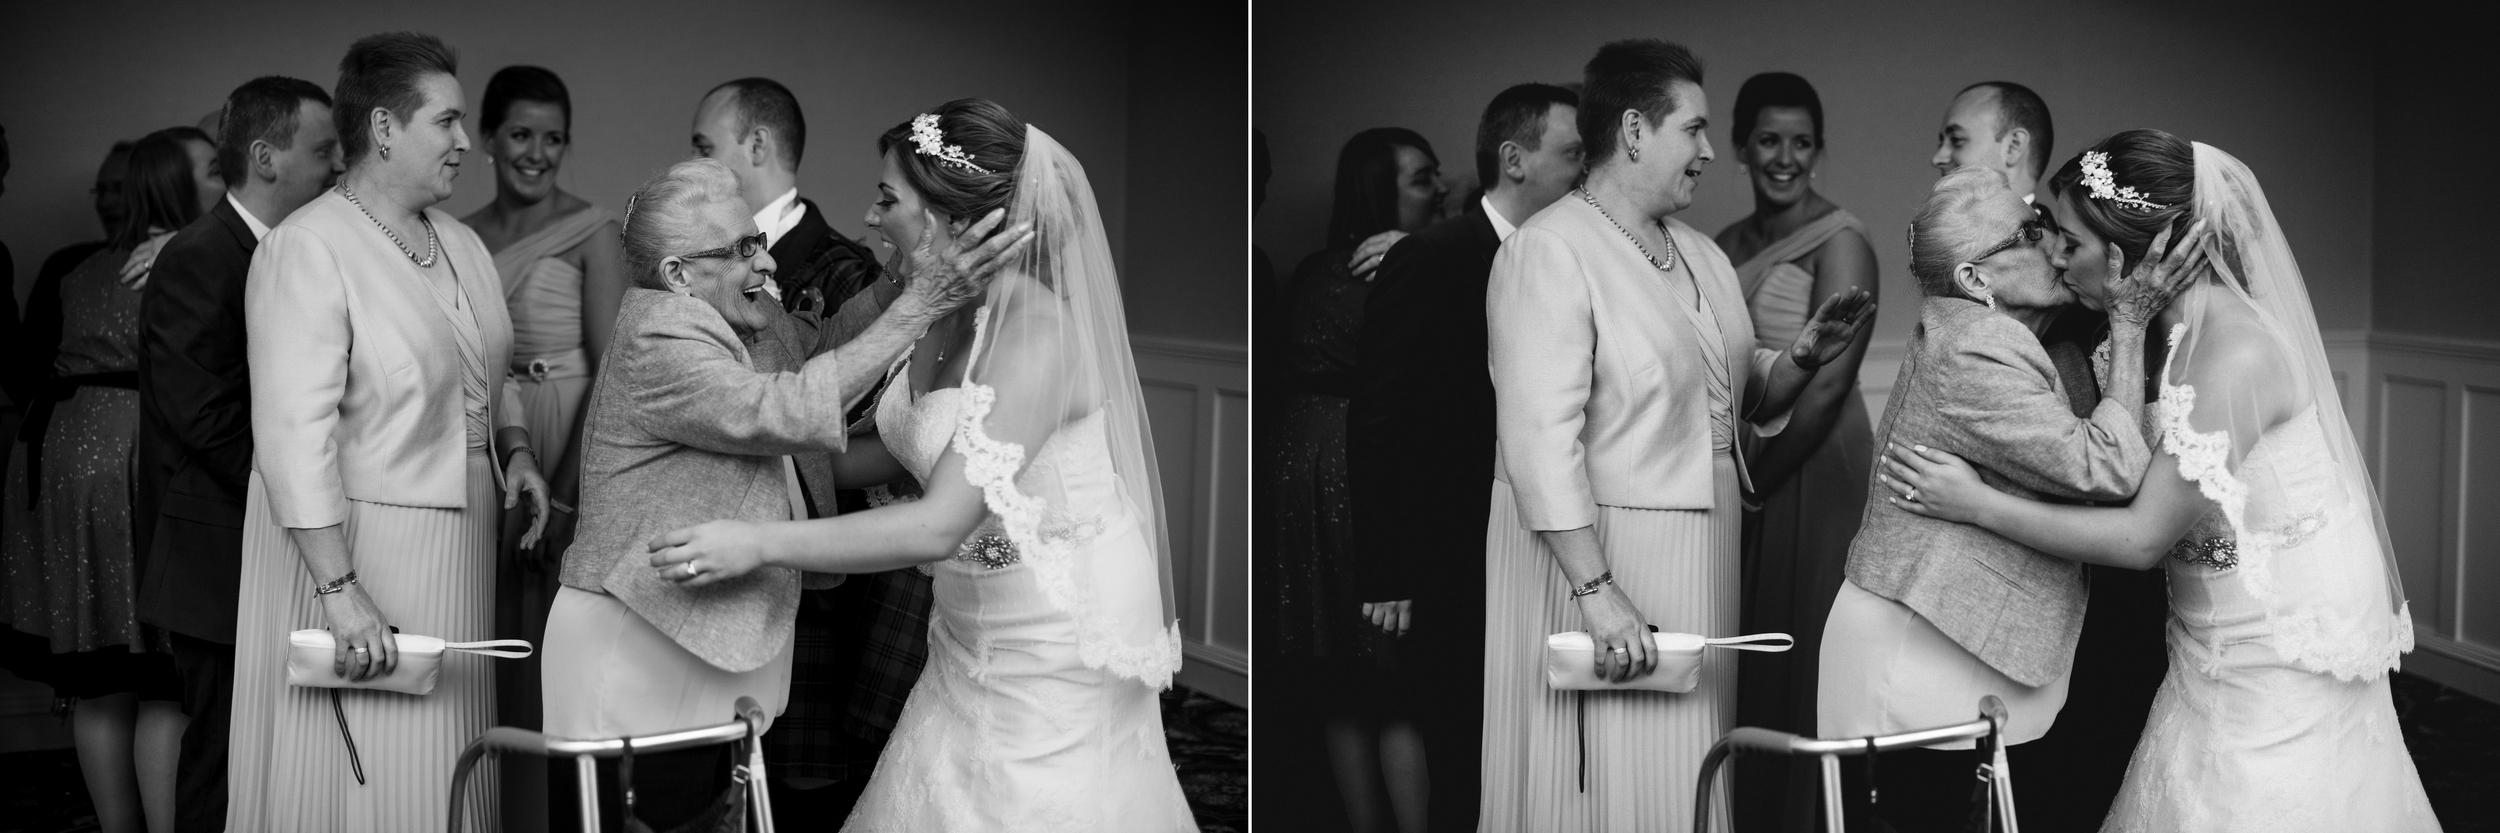 alternative_wedding_photographer-102.jpg